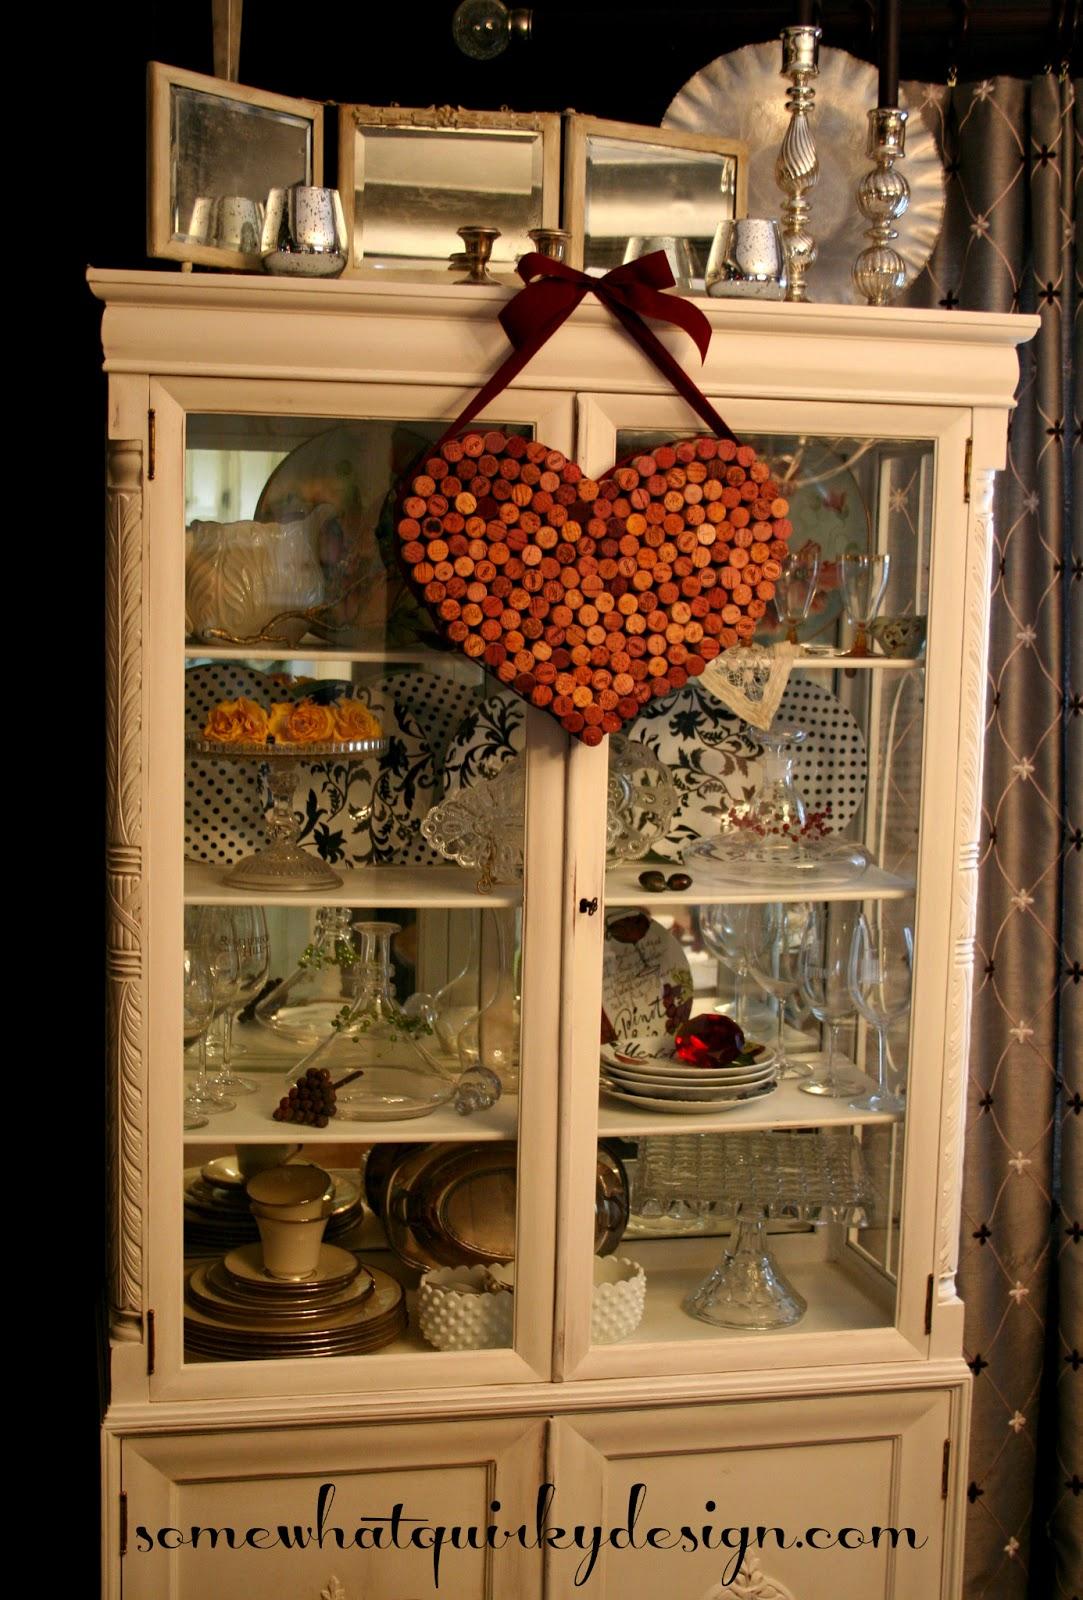 Wine bottle corks crafts - Crafts Made With Wine Corks Wine Cork Valentine Heart